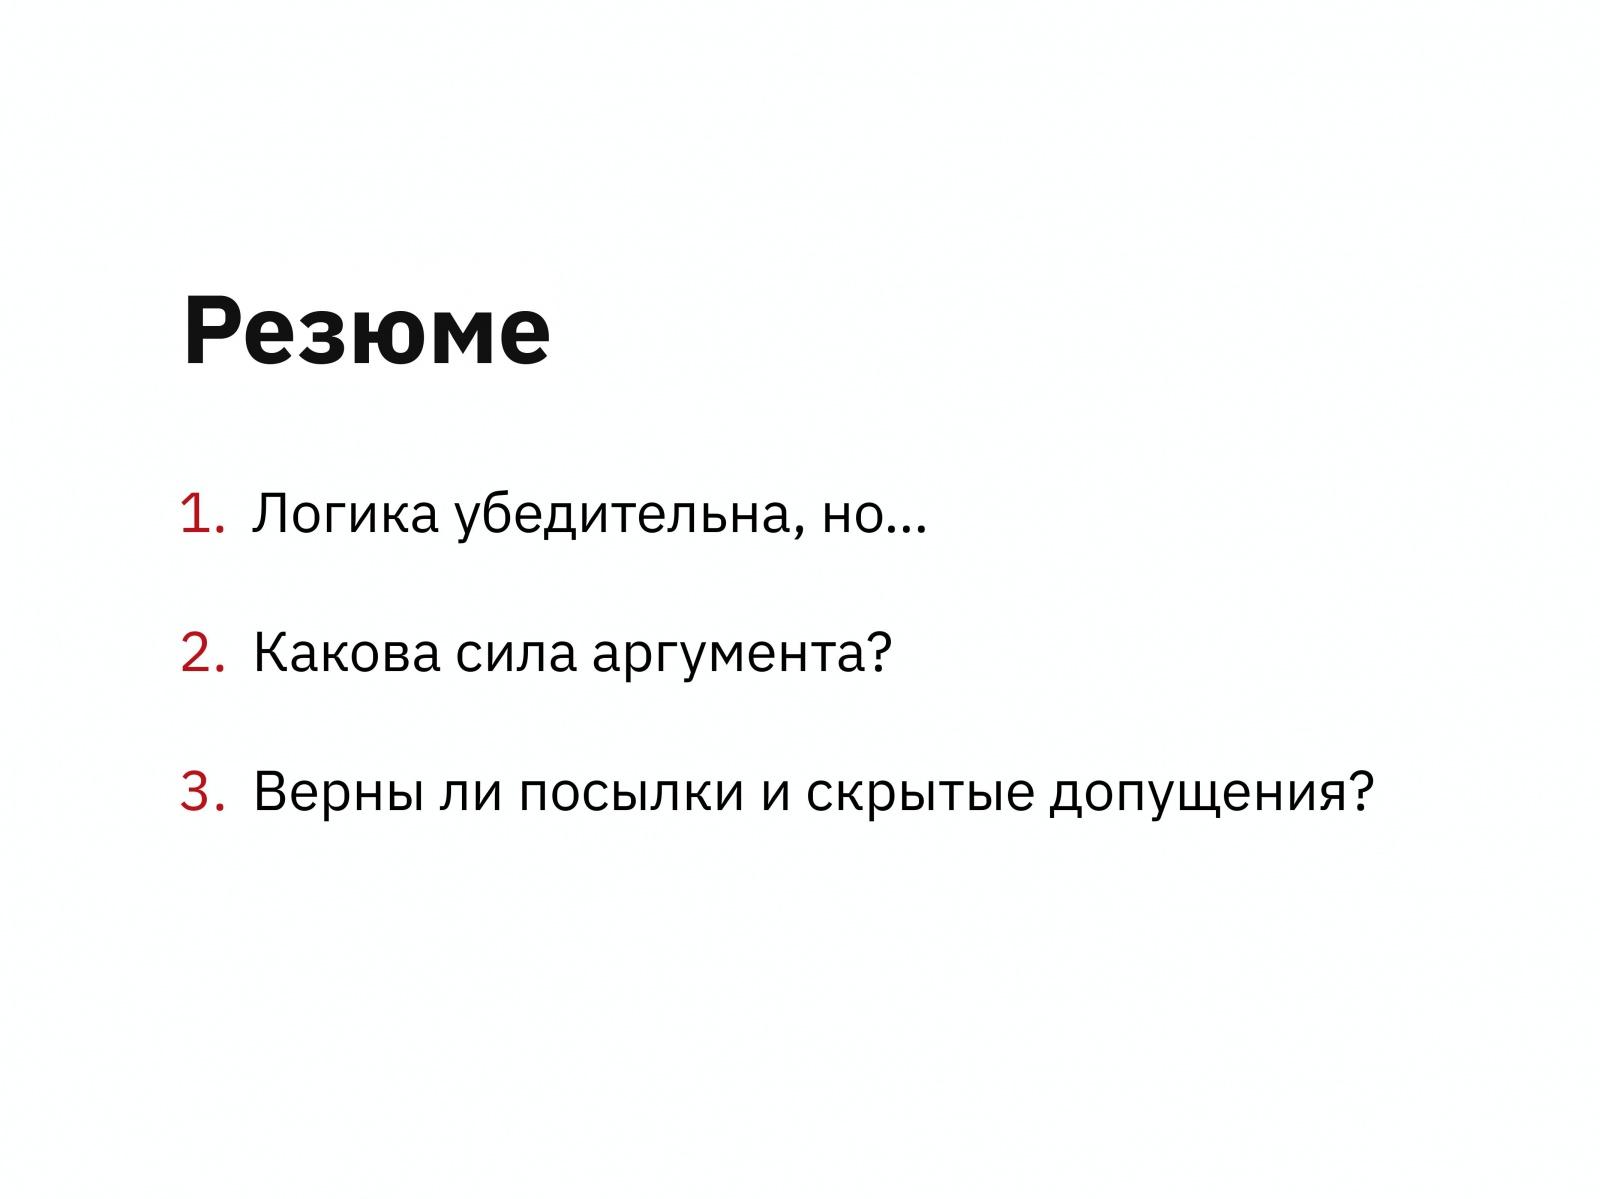 Алексей Каптерев: Критическое мышление 101 (часть 2) - 26